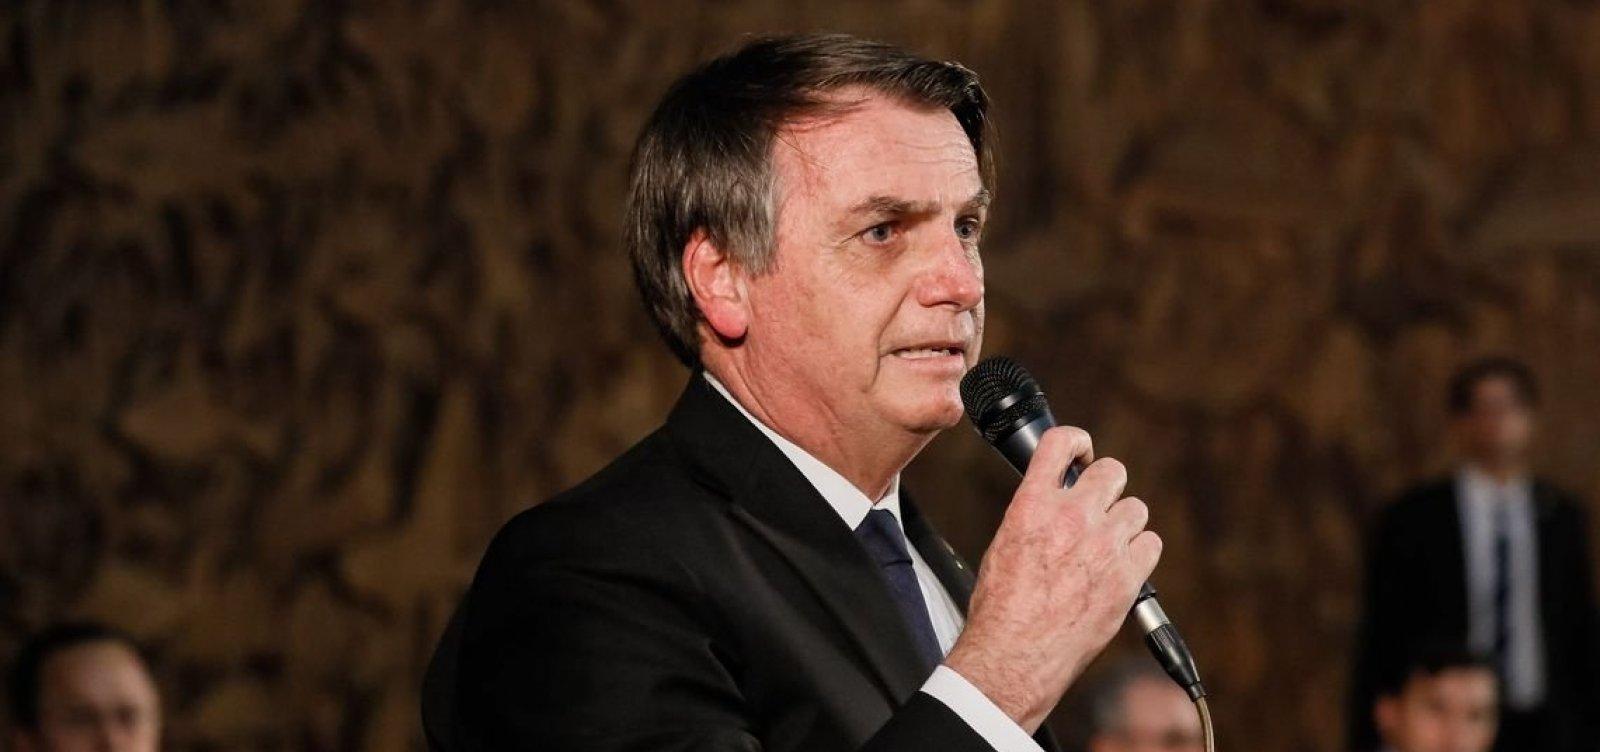 Bolsonaro quer mudar regras para remuneração de contratos de publicidade